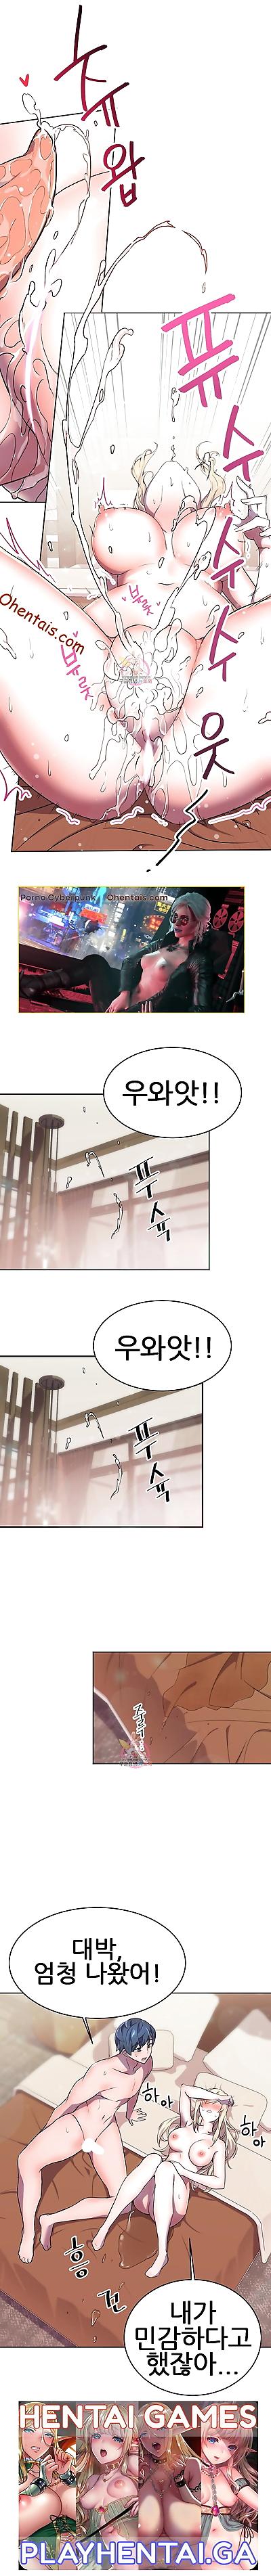 히어로 매니저 - HERO MANAGER Ch. 13-14 Korean